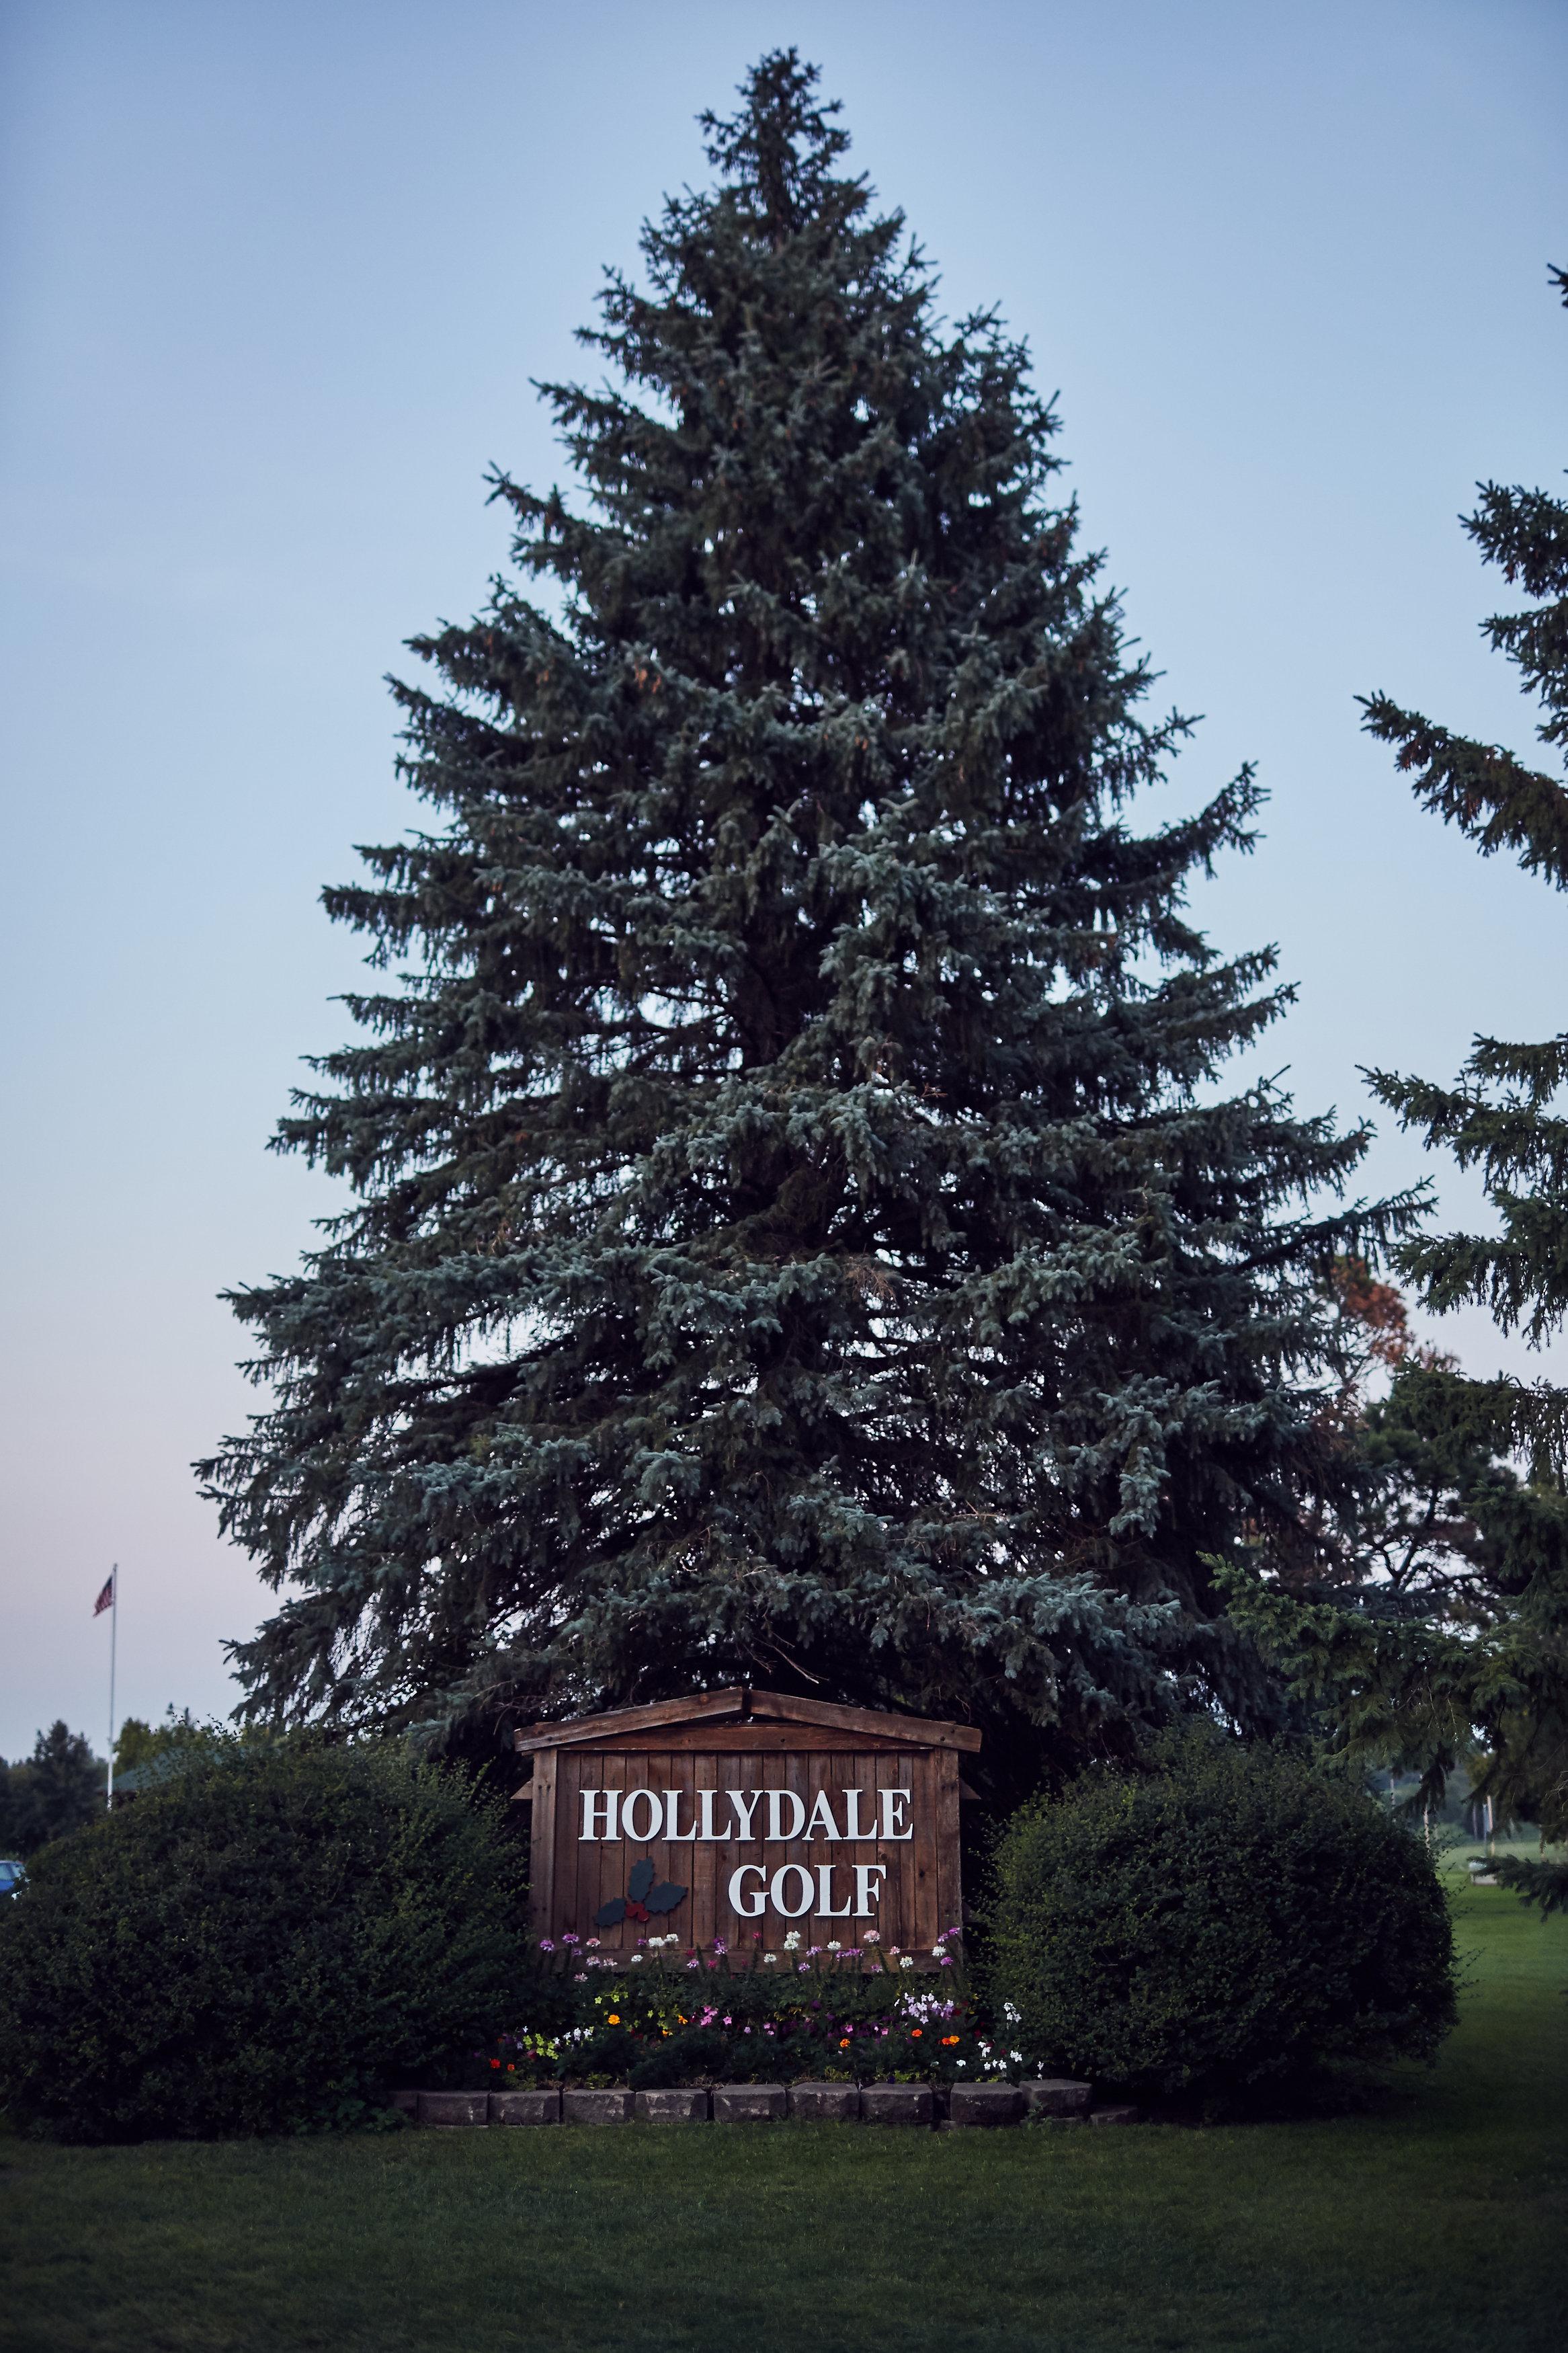 Hollydale_2015_Photo_By_Joe_Lemke_039.jpg